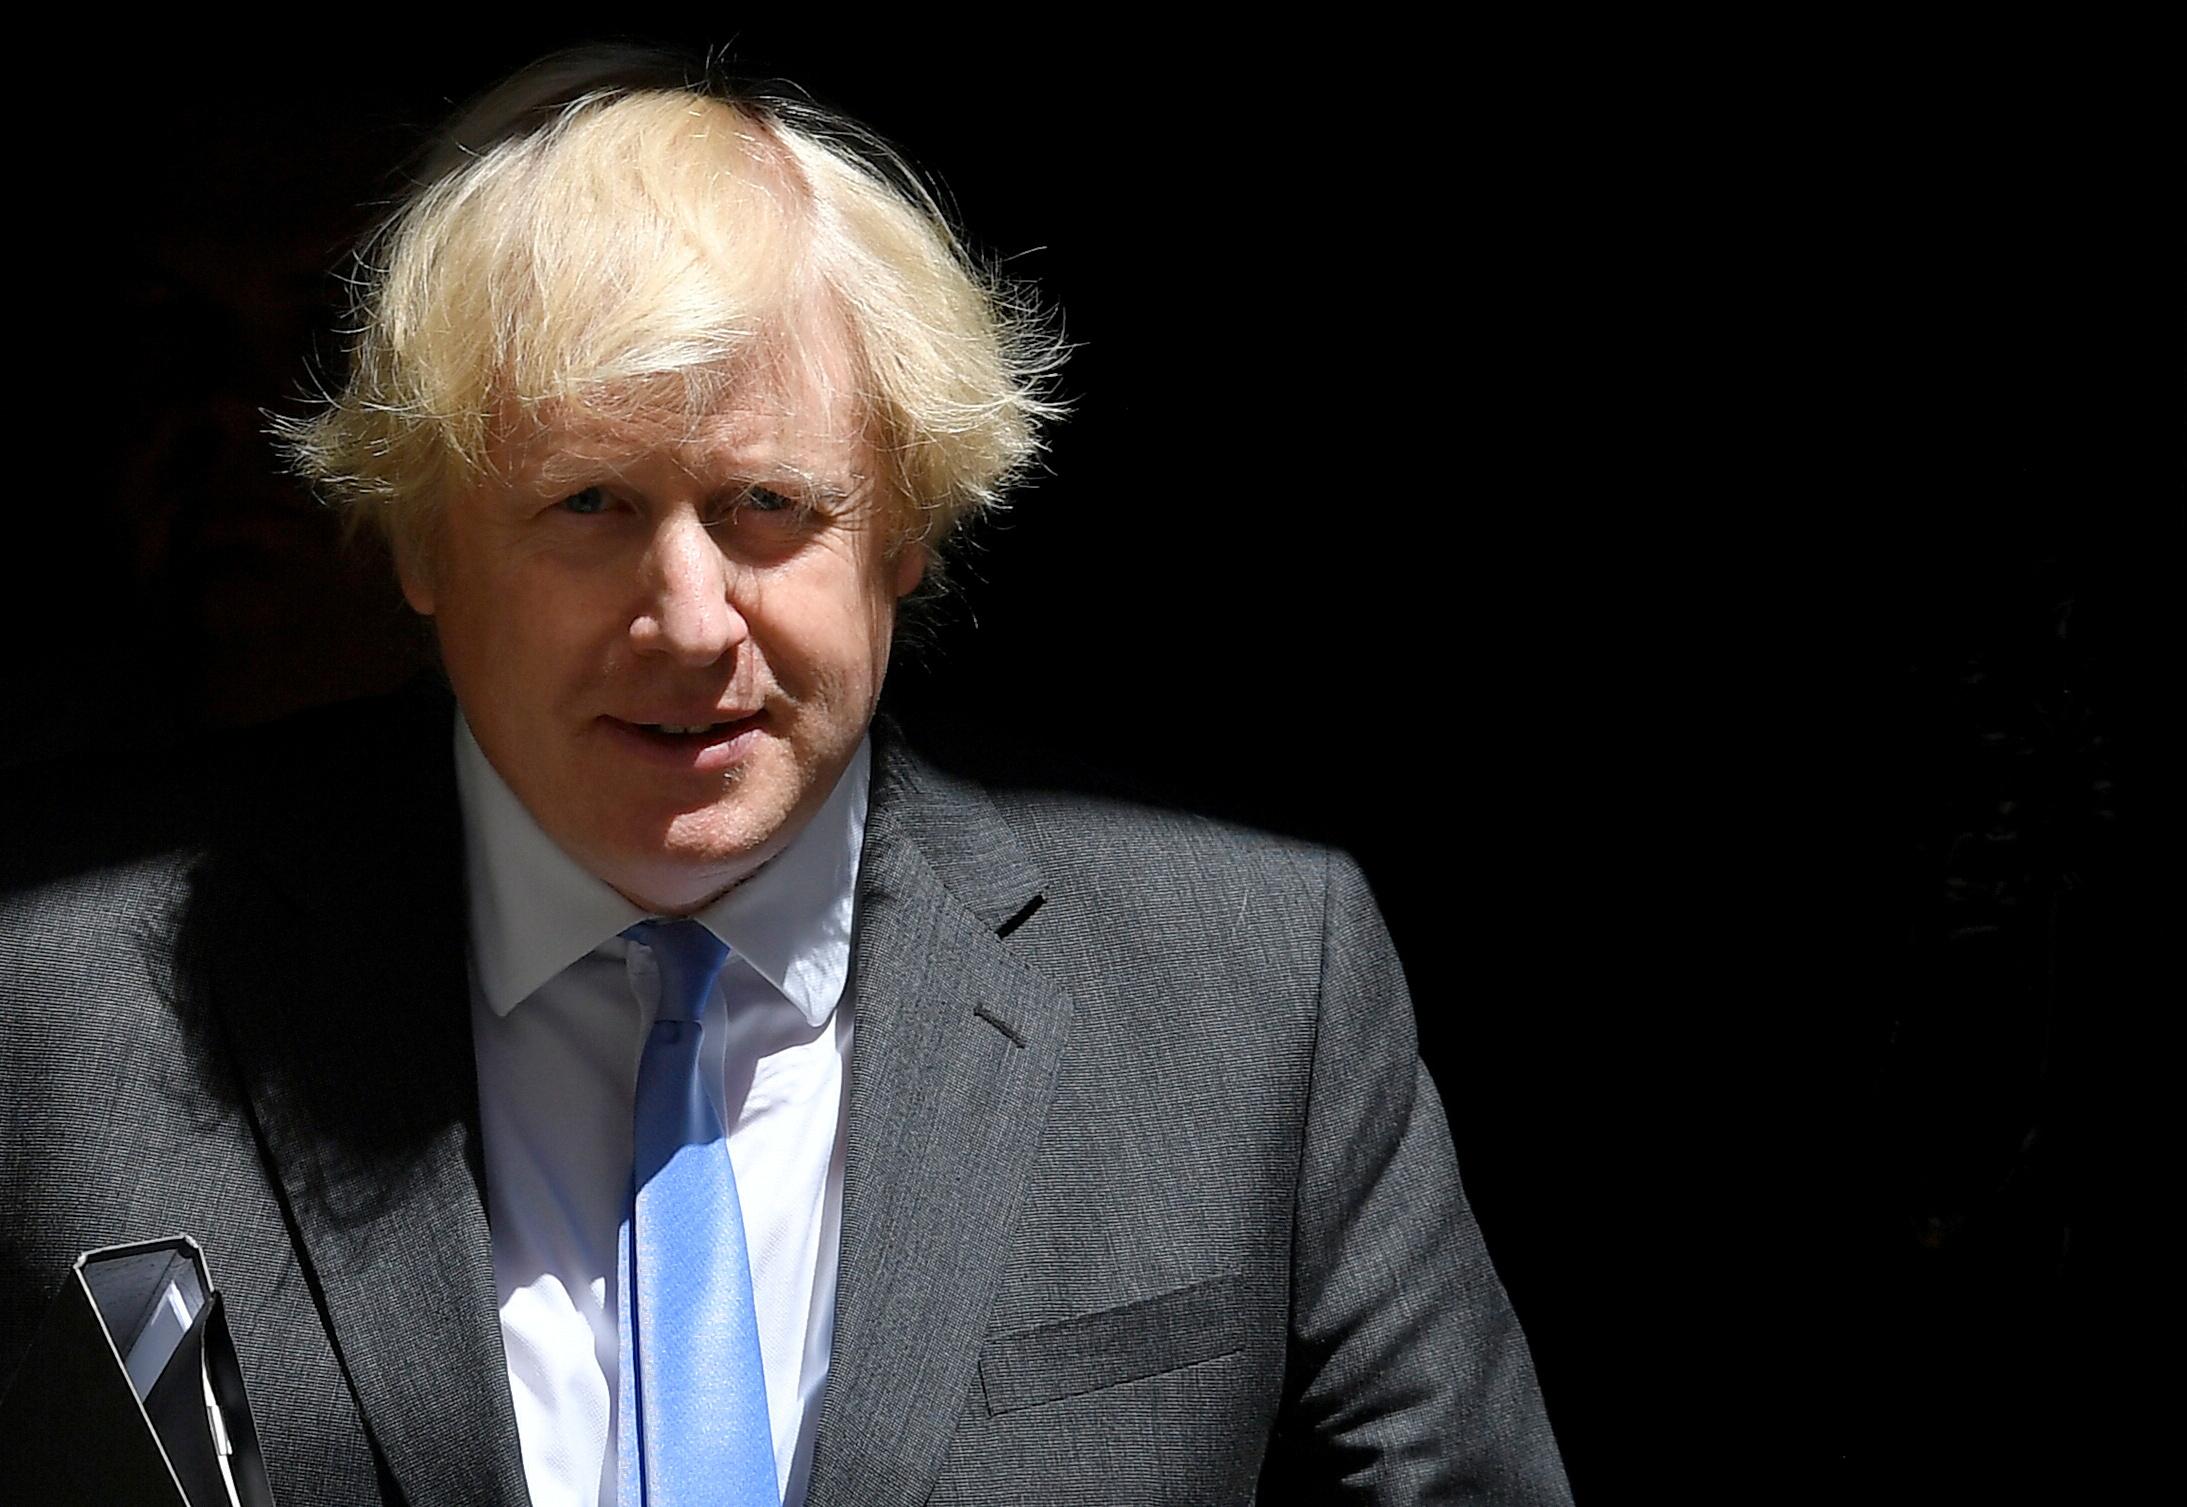 Τζόνσον: Οι Βρετανοί είναι πιο παχύσαρκοι απ' όλους εκτός… από τους Μαλτέζους